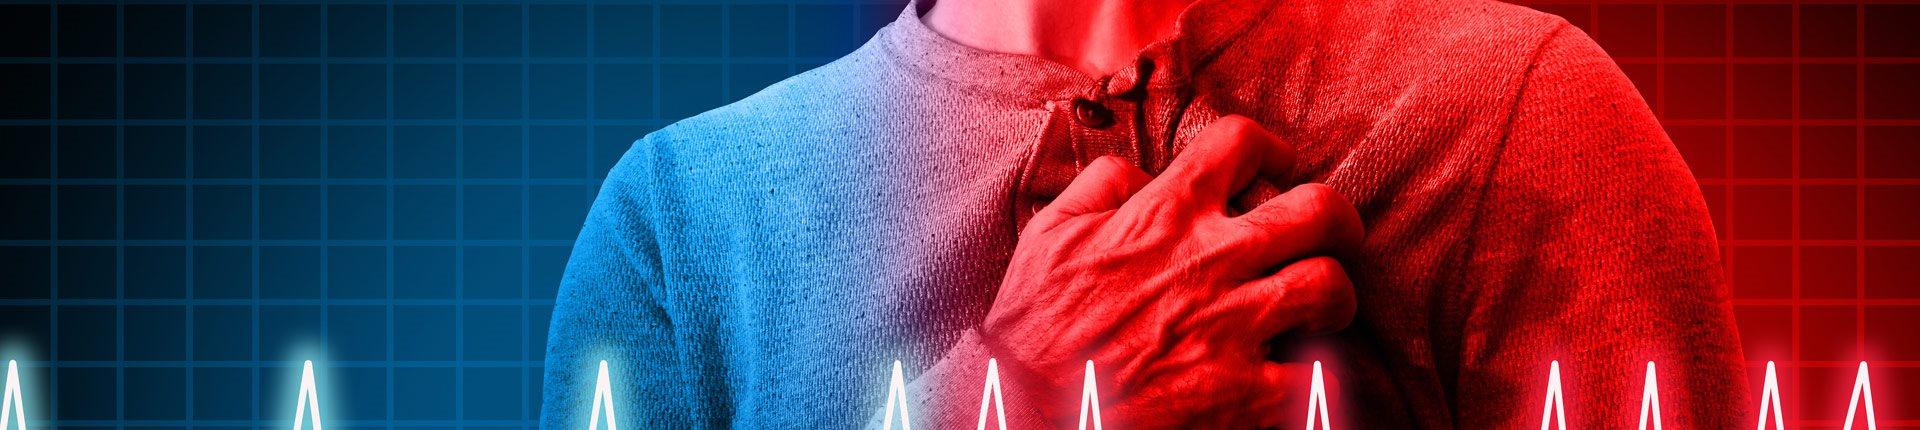 Czy niedobór magnezu może powodować arytmię serca?